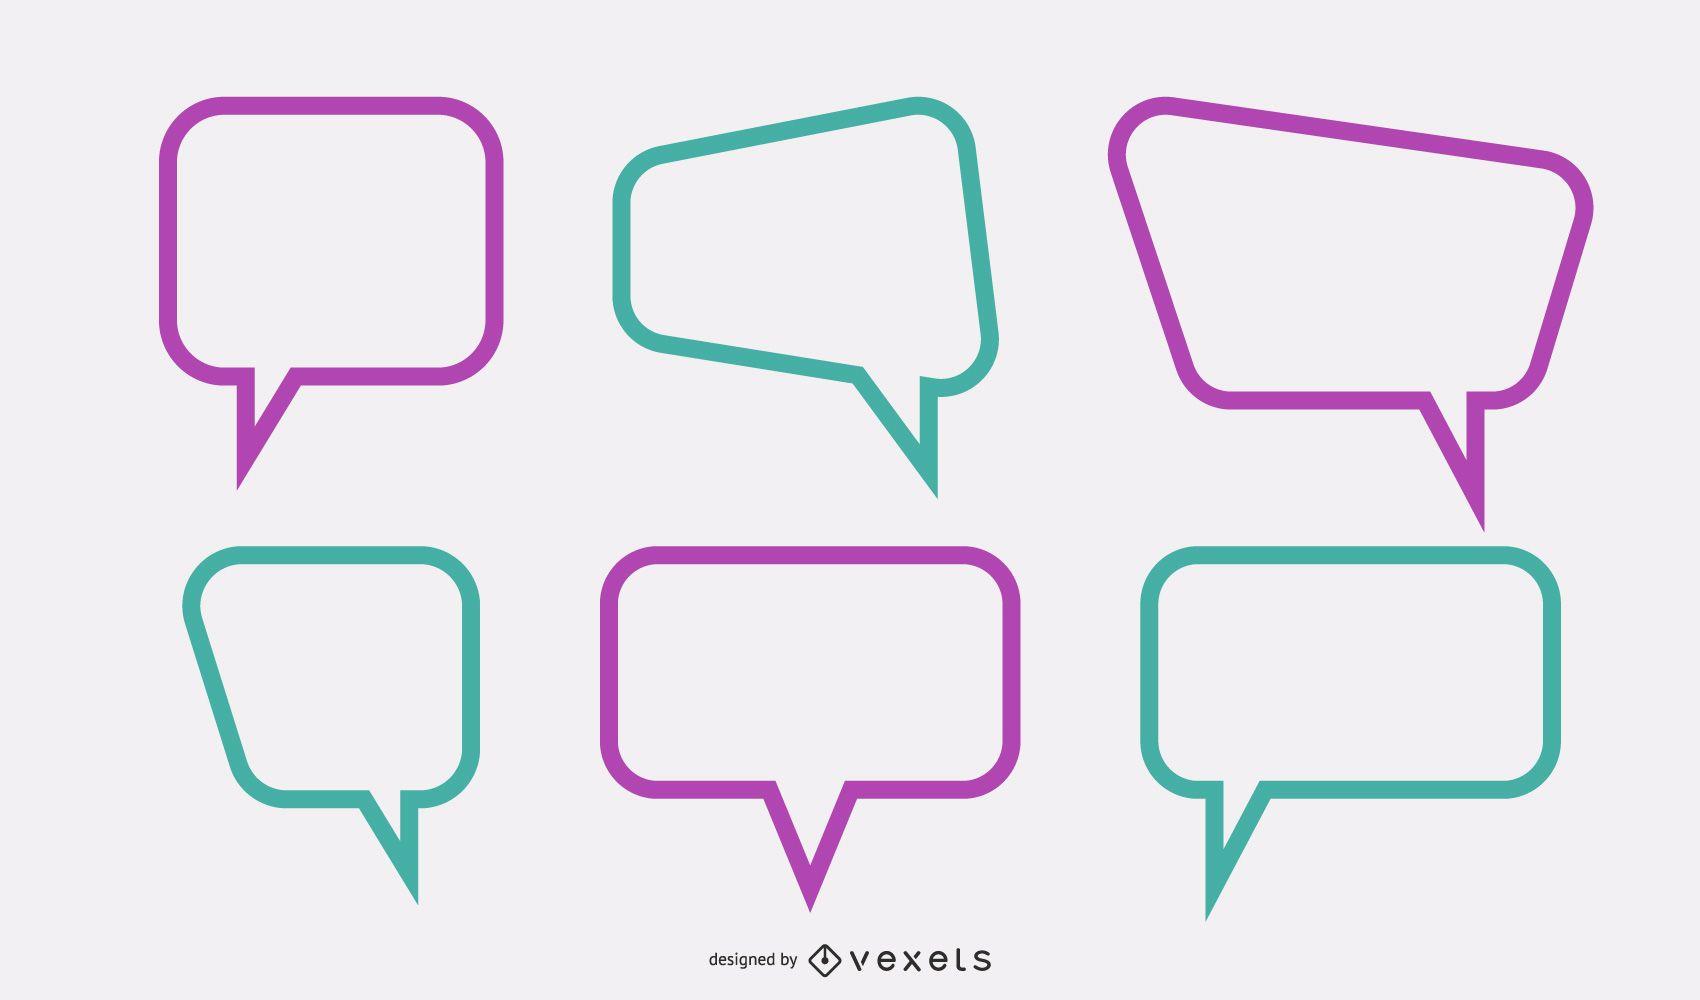 Caixa de diálogo de texto definir vetor